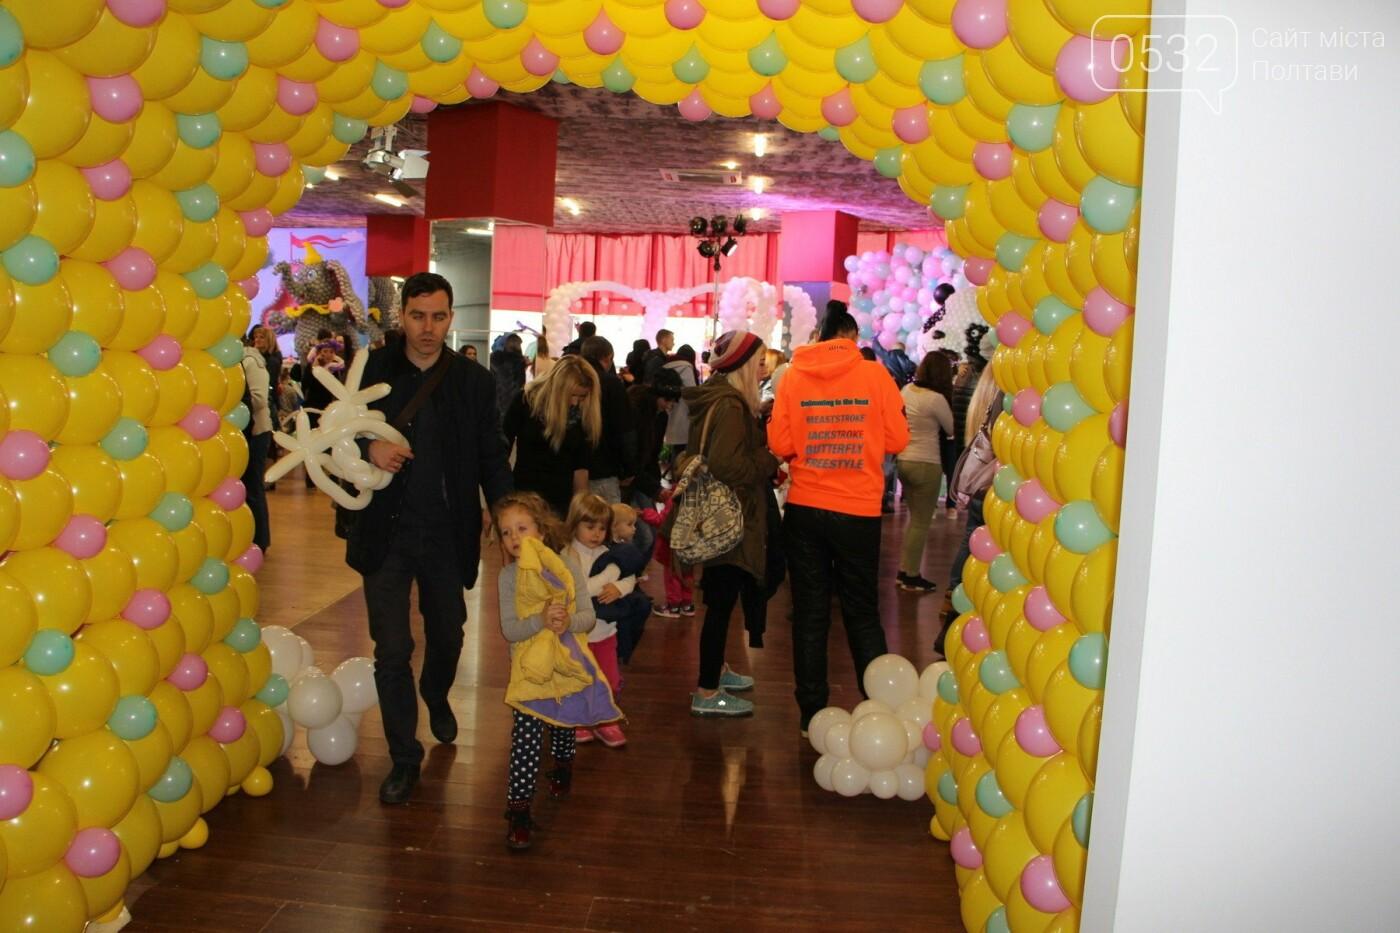 Діти у захваті – у Полтаві вперше організували виставку великих фігур із повітряних кульок (ФОТО)   , фото-1